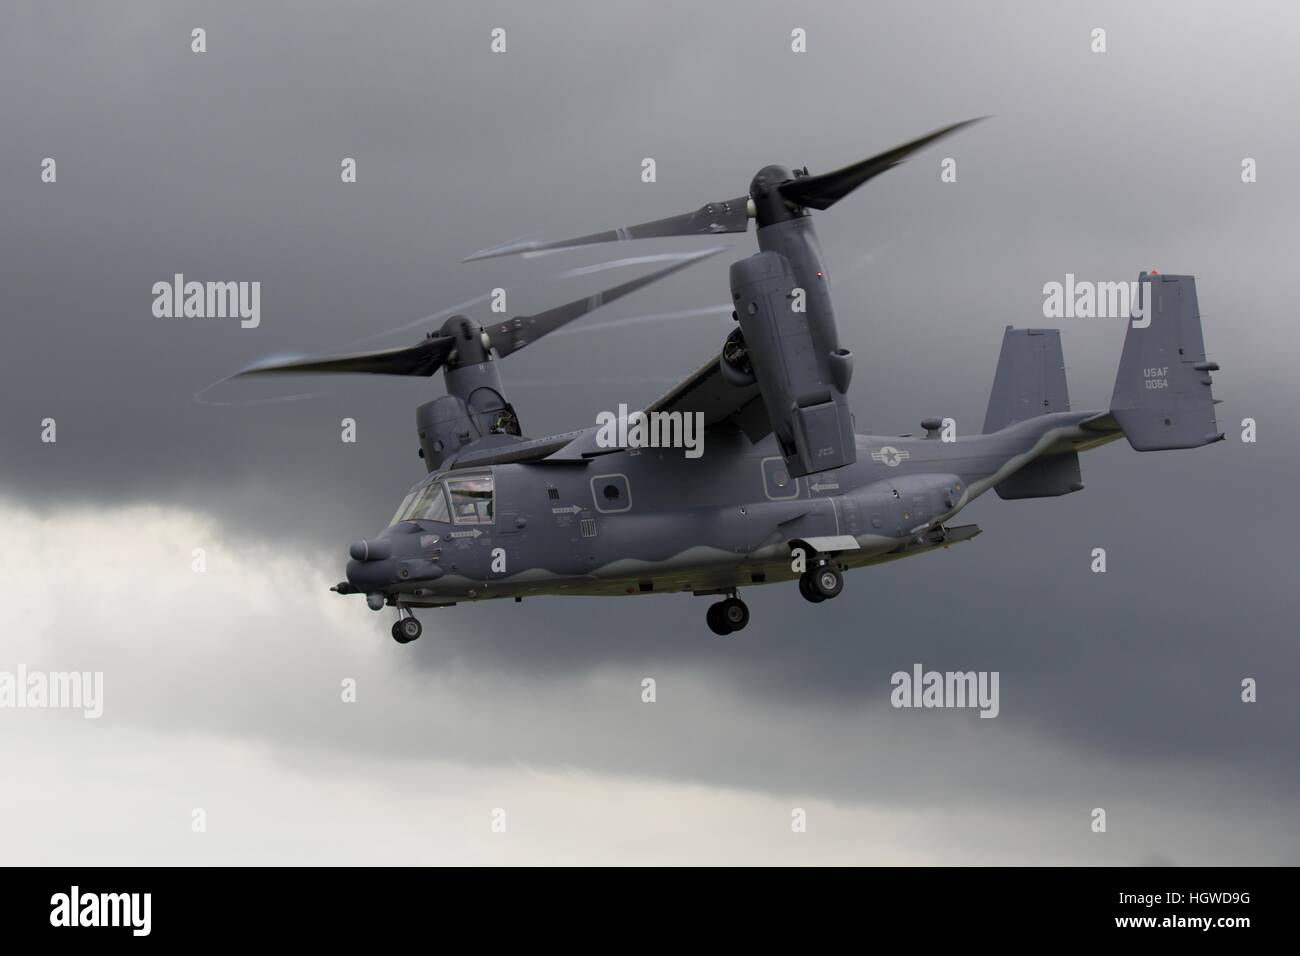 Nett Boeing Resume Schlüsselwörter Fotos - Entry Level Resume ...